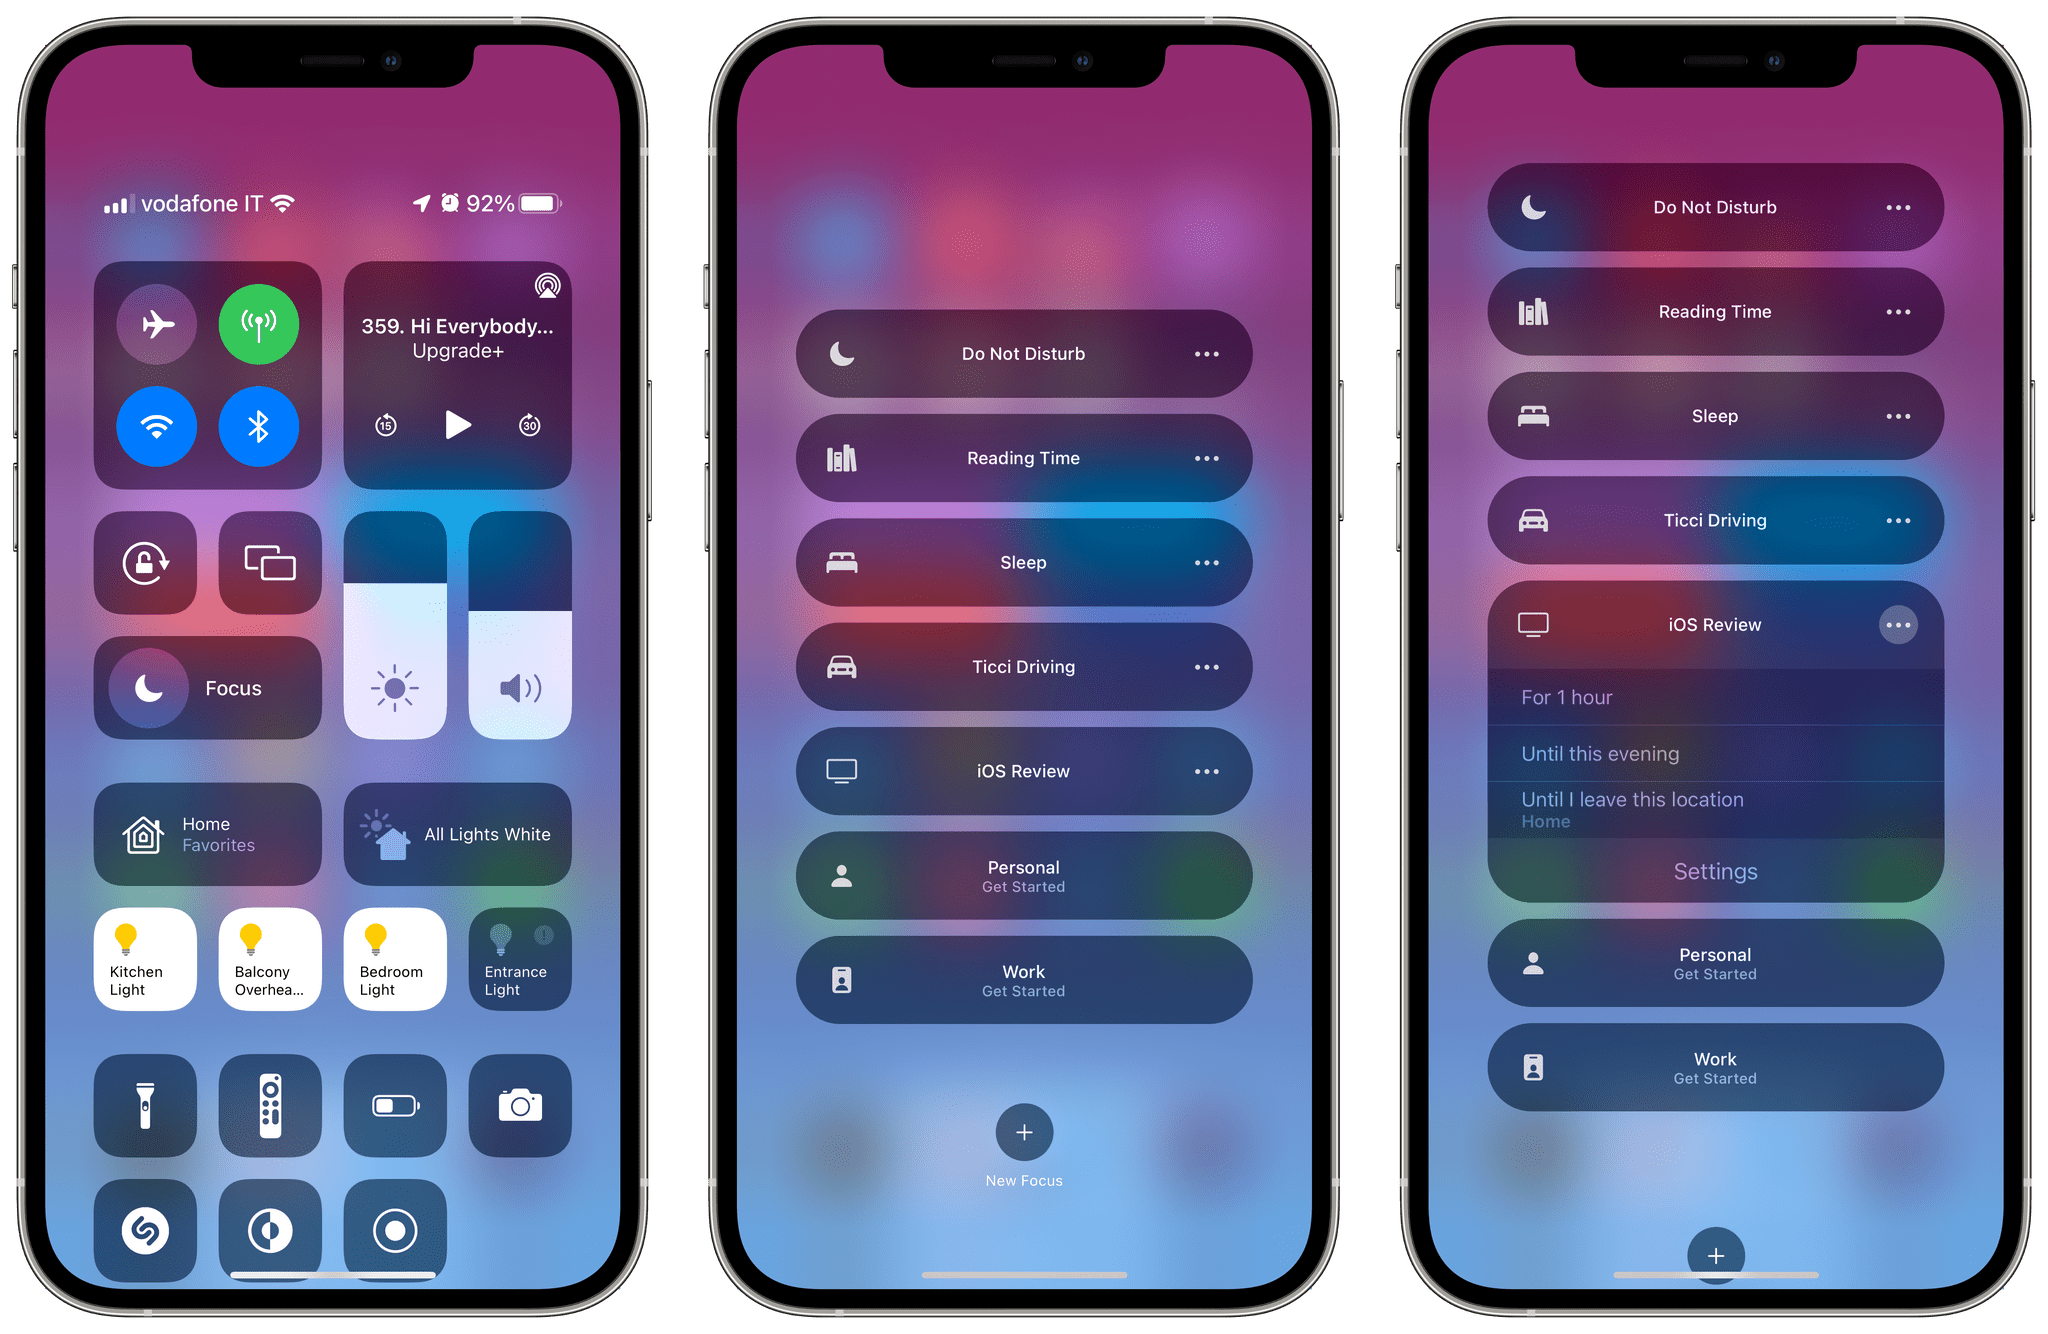 Focus in iOS 15's Control Center.